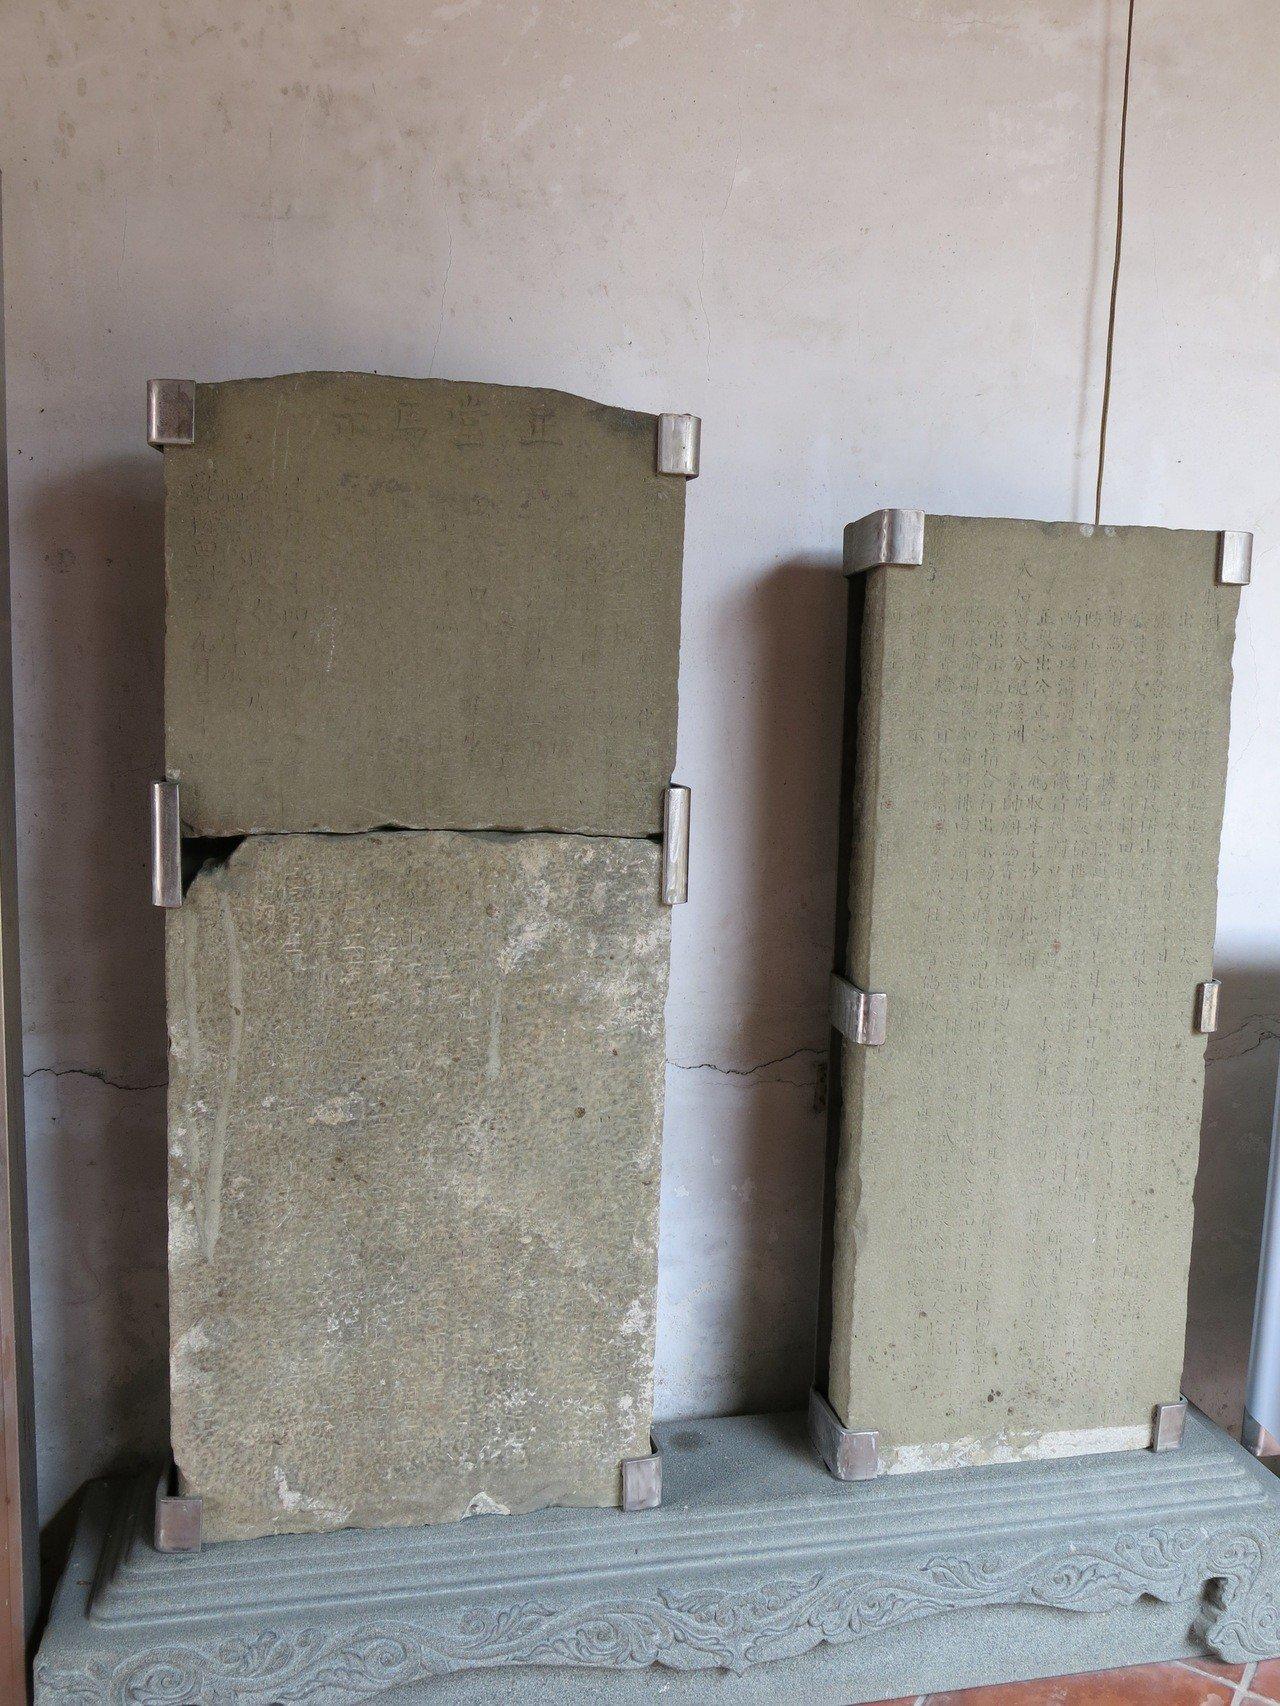 連興宮是南投境內最古老的媽祖廟,殿前有座嚴禁勒索竹排船伕碑已近200年之久,是南...